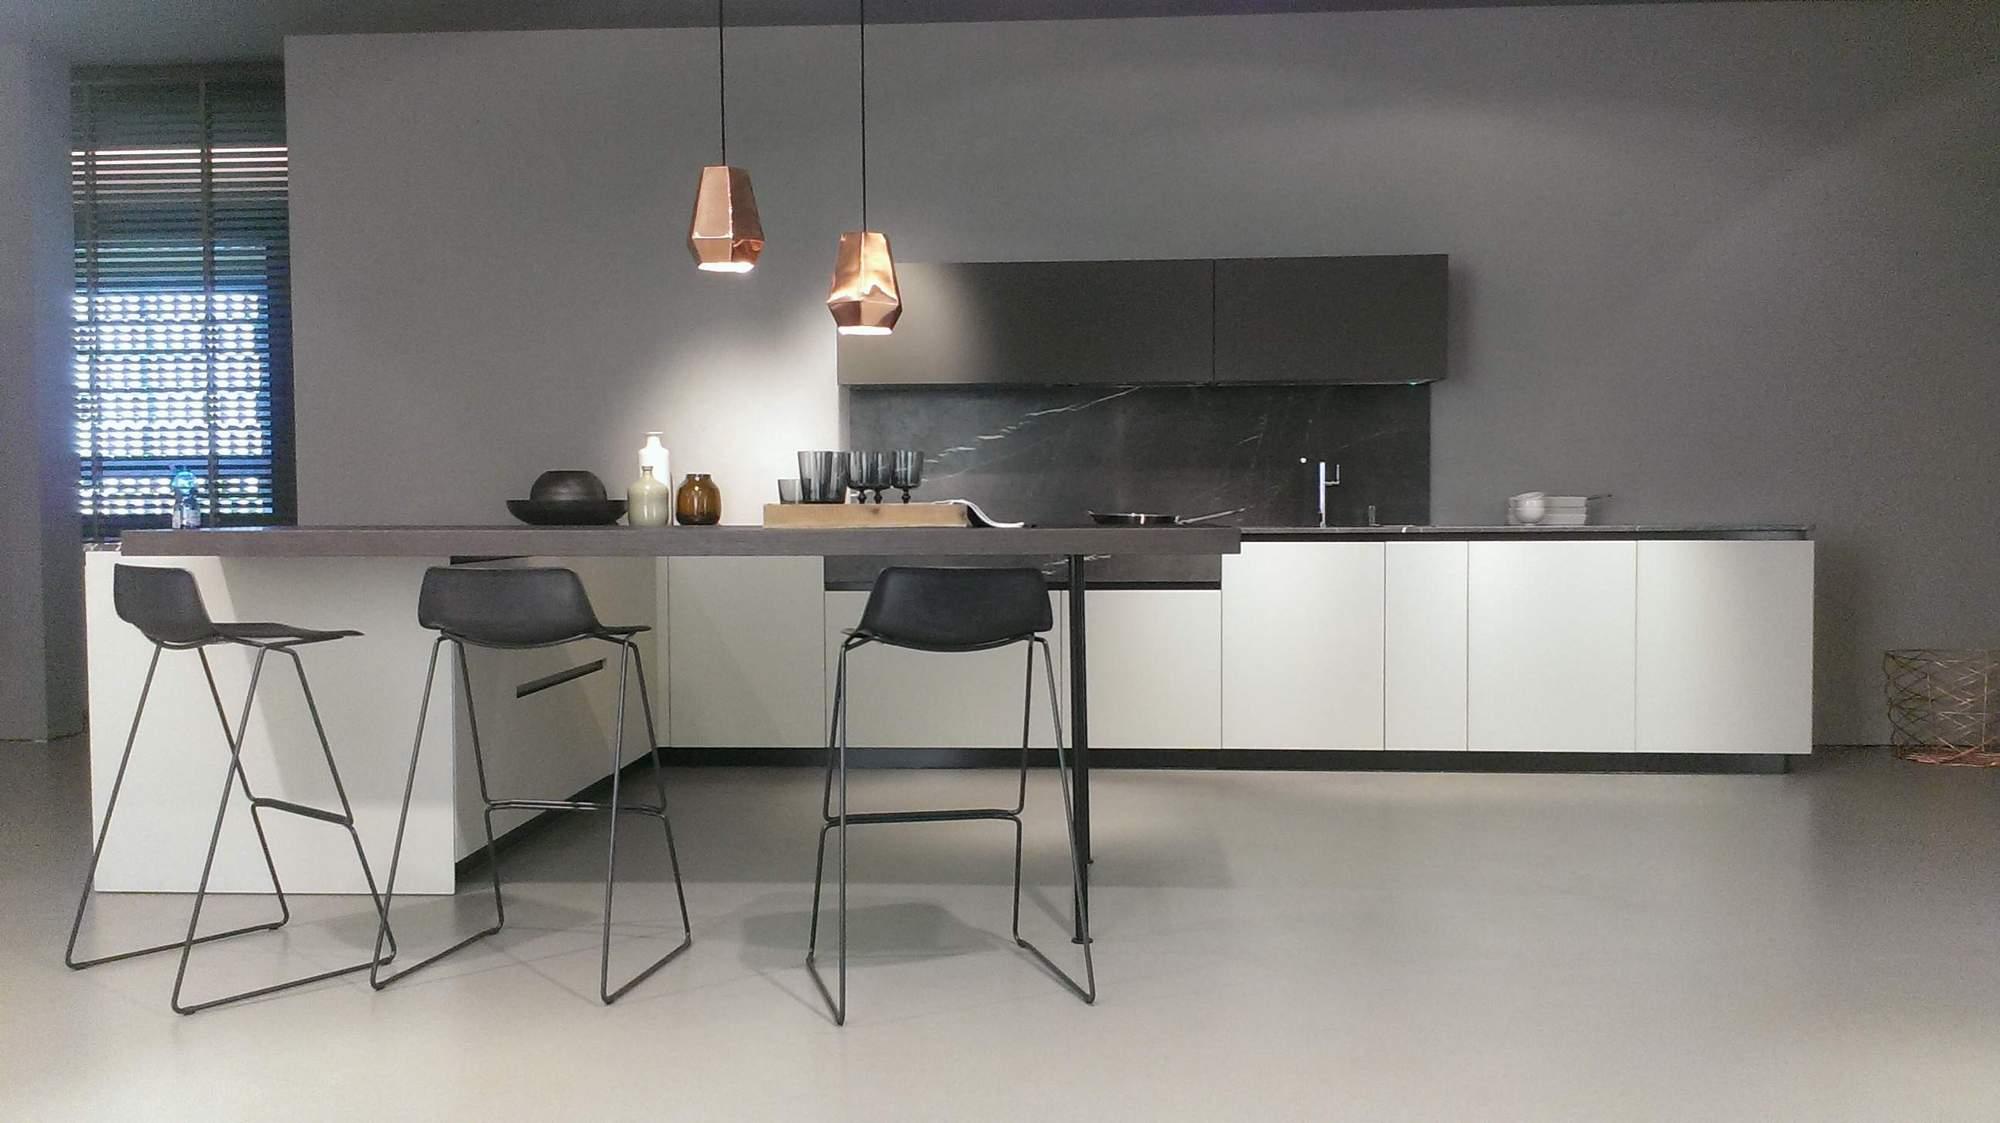 Doimo cucine e il nuovo modello materia teti arredamenti for Arredamenti roma outlet